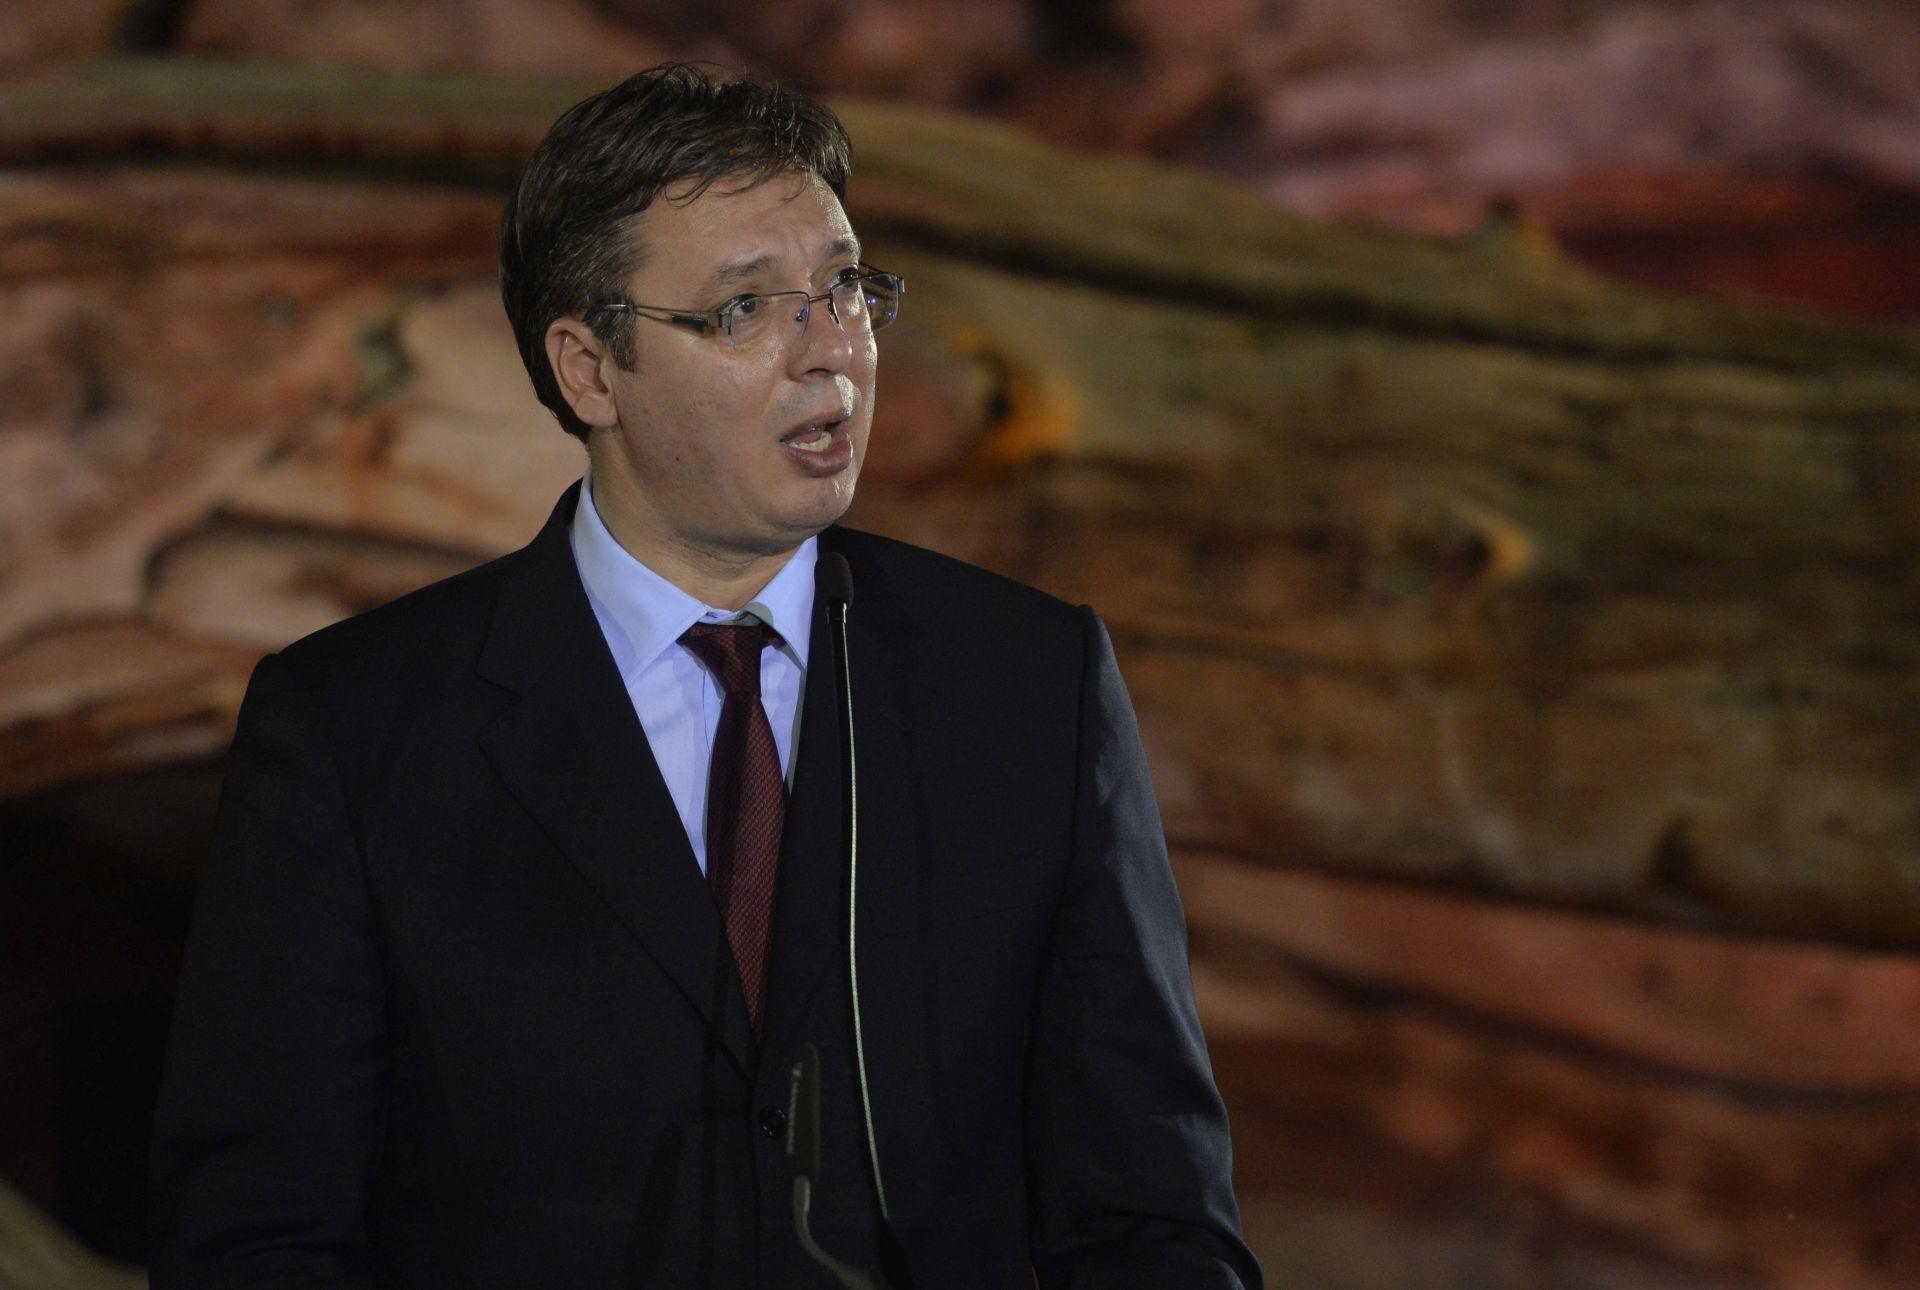 Vučić spreman povući se ako na predsjedničkim izborima ne pobijedi kandidat SNS-a